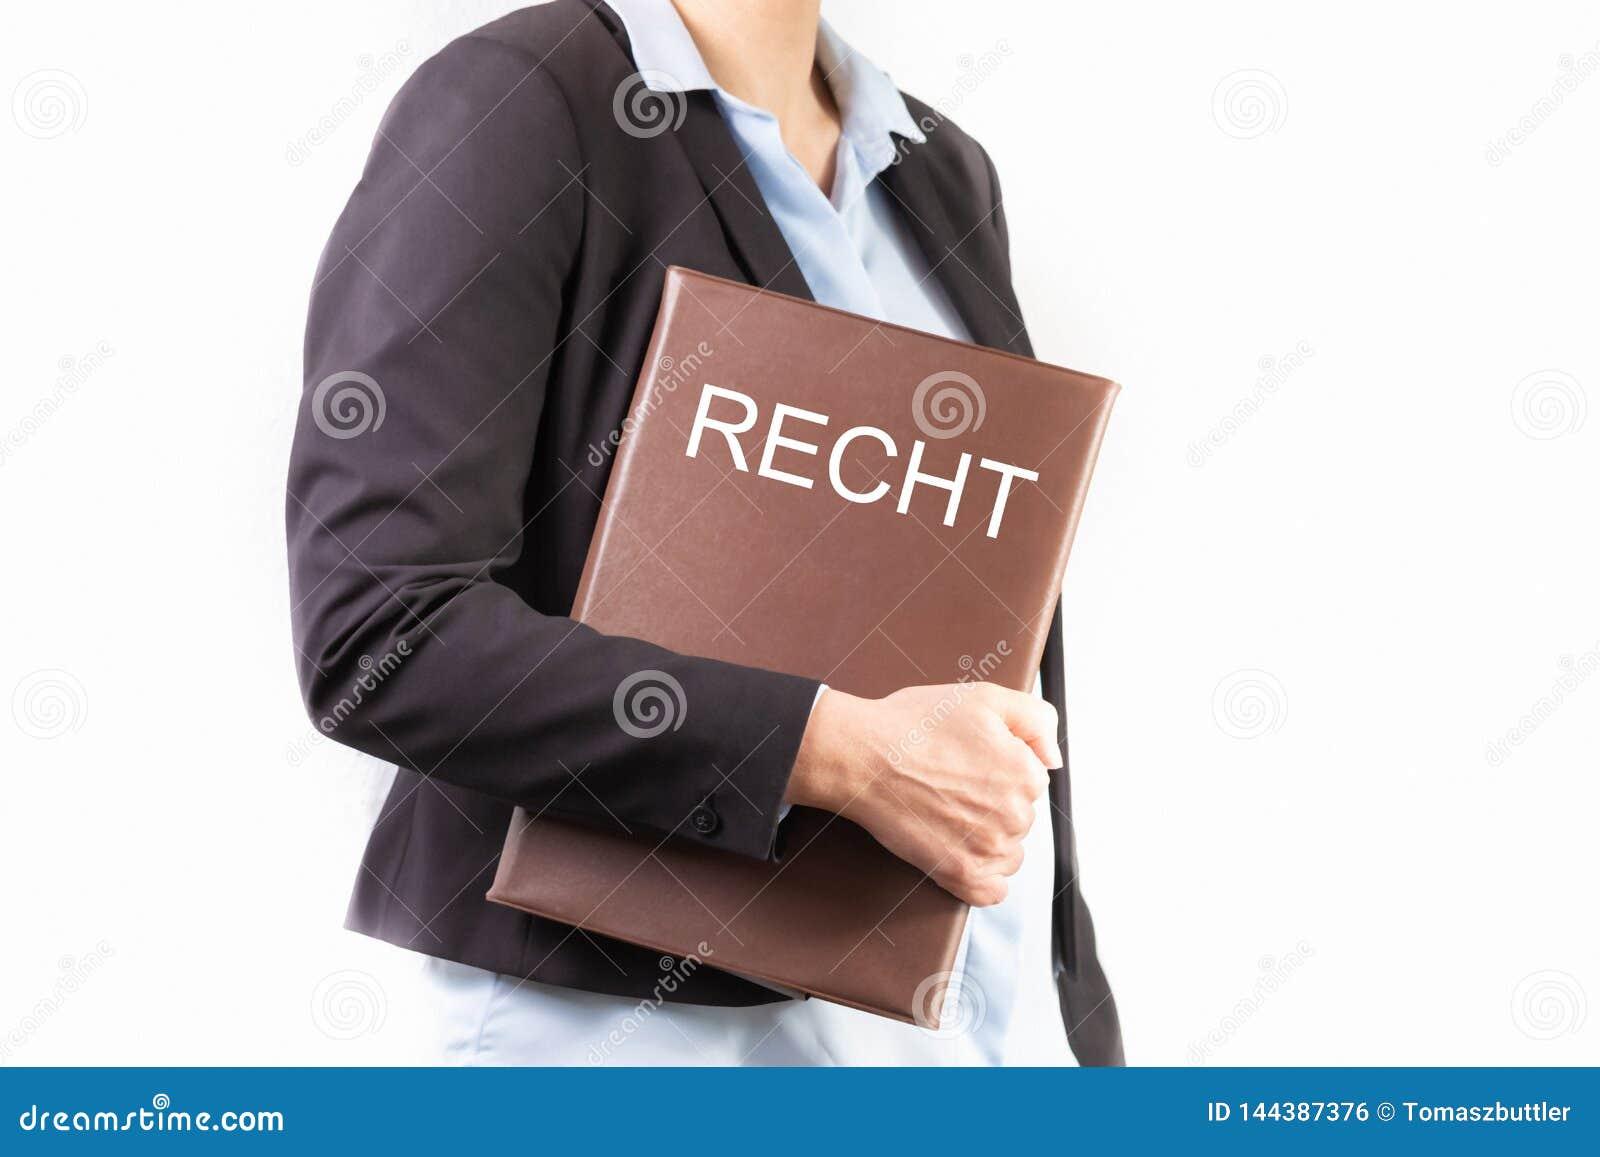 Sluit omhoog van een jonge vrouw die in een pak een dossier met een Duitse tekst houden: WET